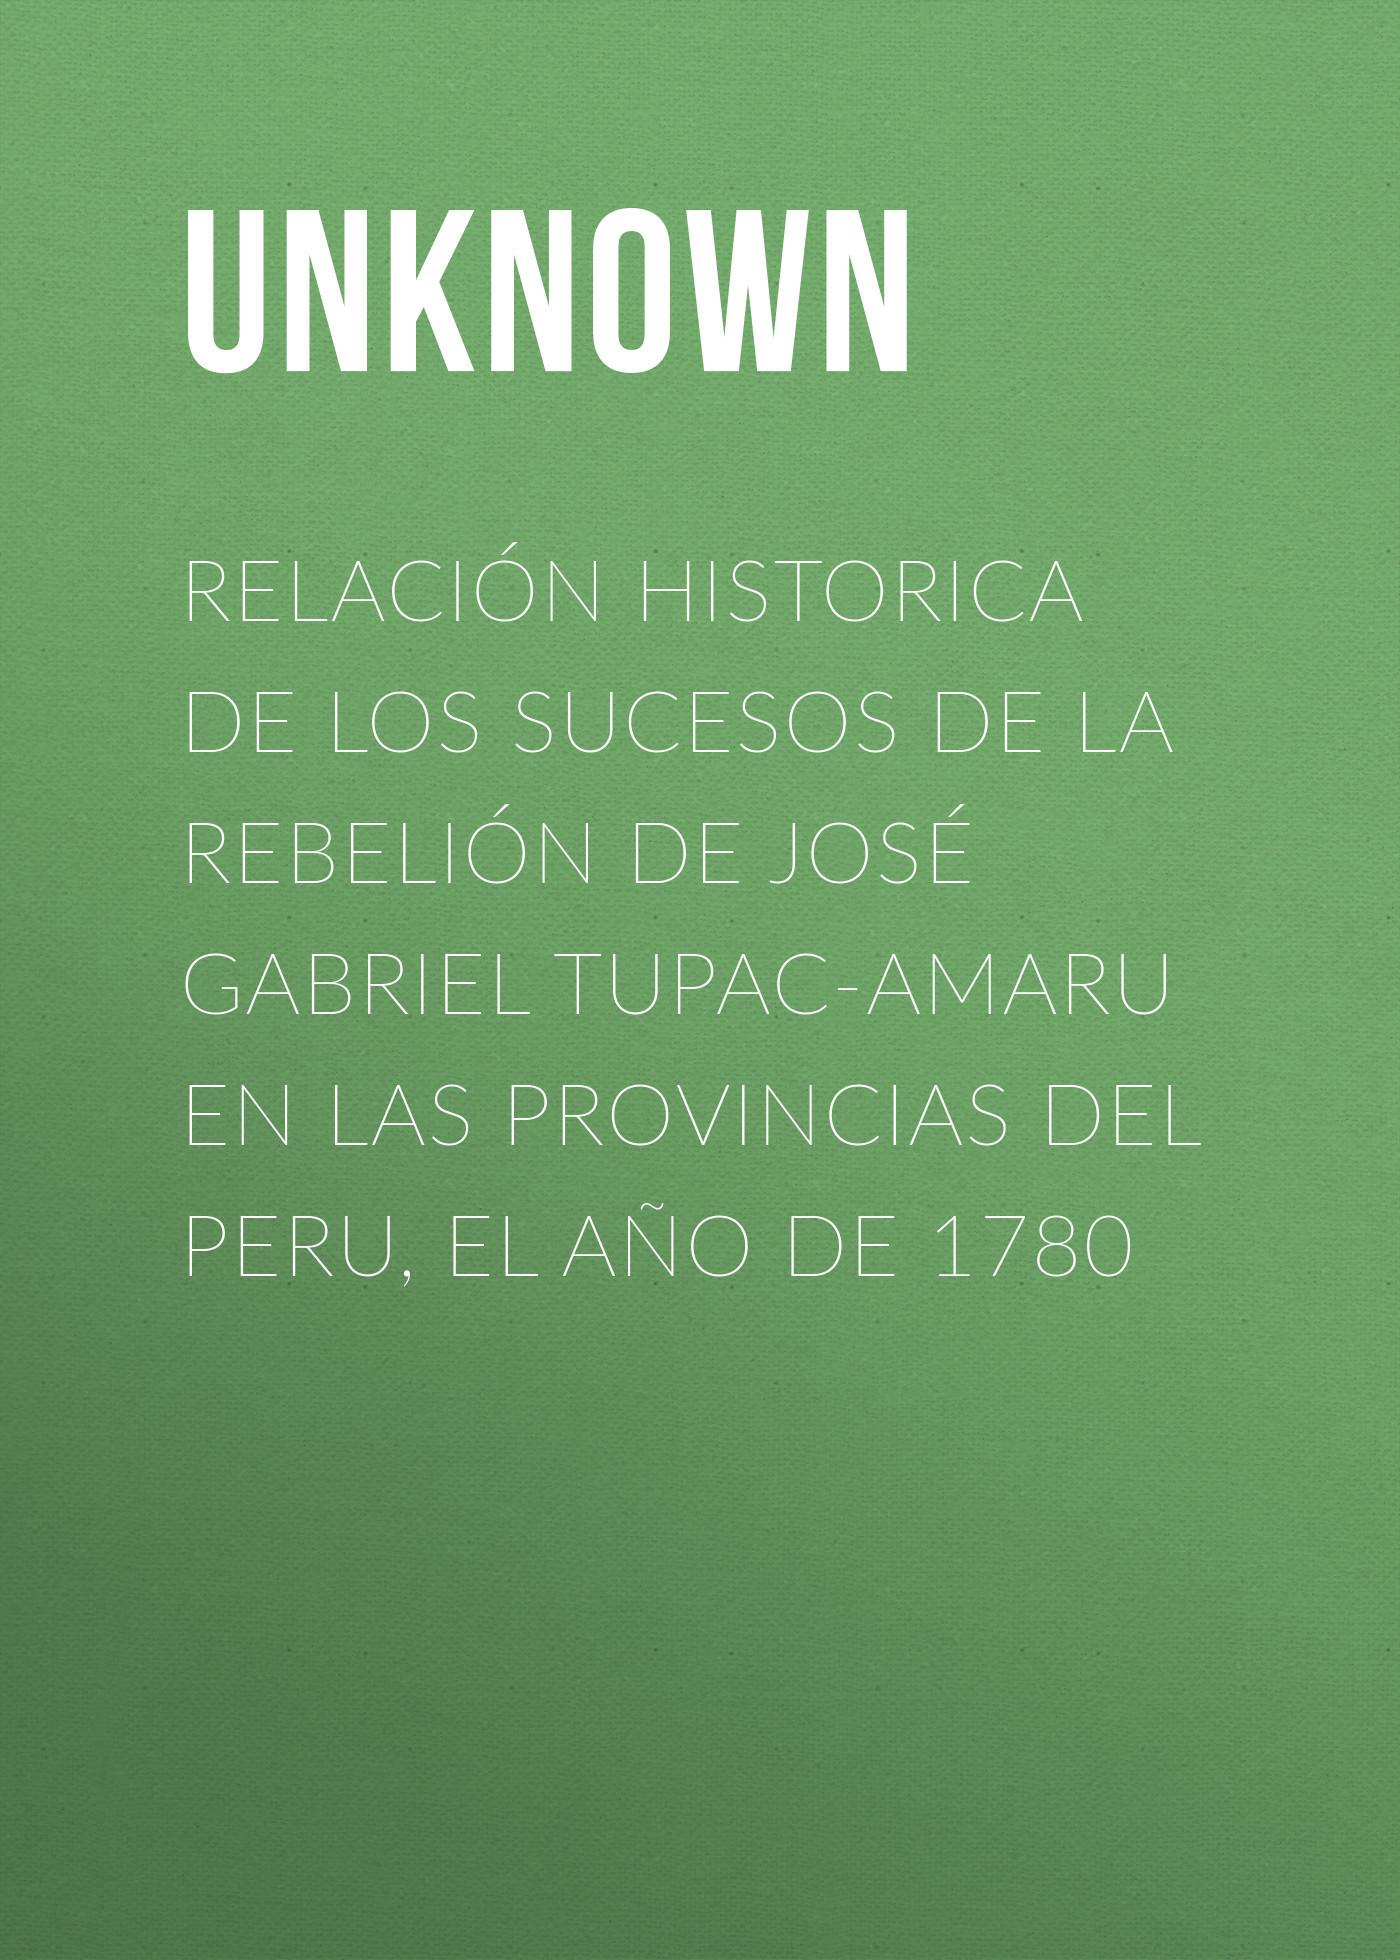 Unknown Relación historica de los sucesos de la rebelión de José Gabriel Tupac-Amaru en las provincias del Peru, el año de 1780